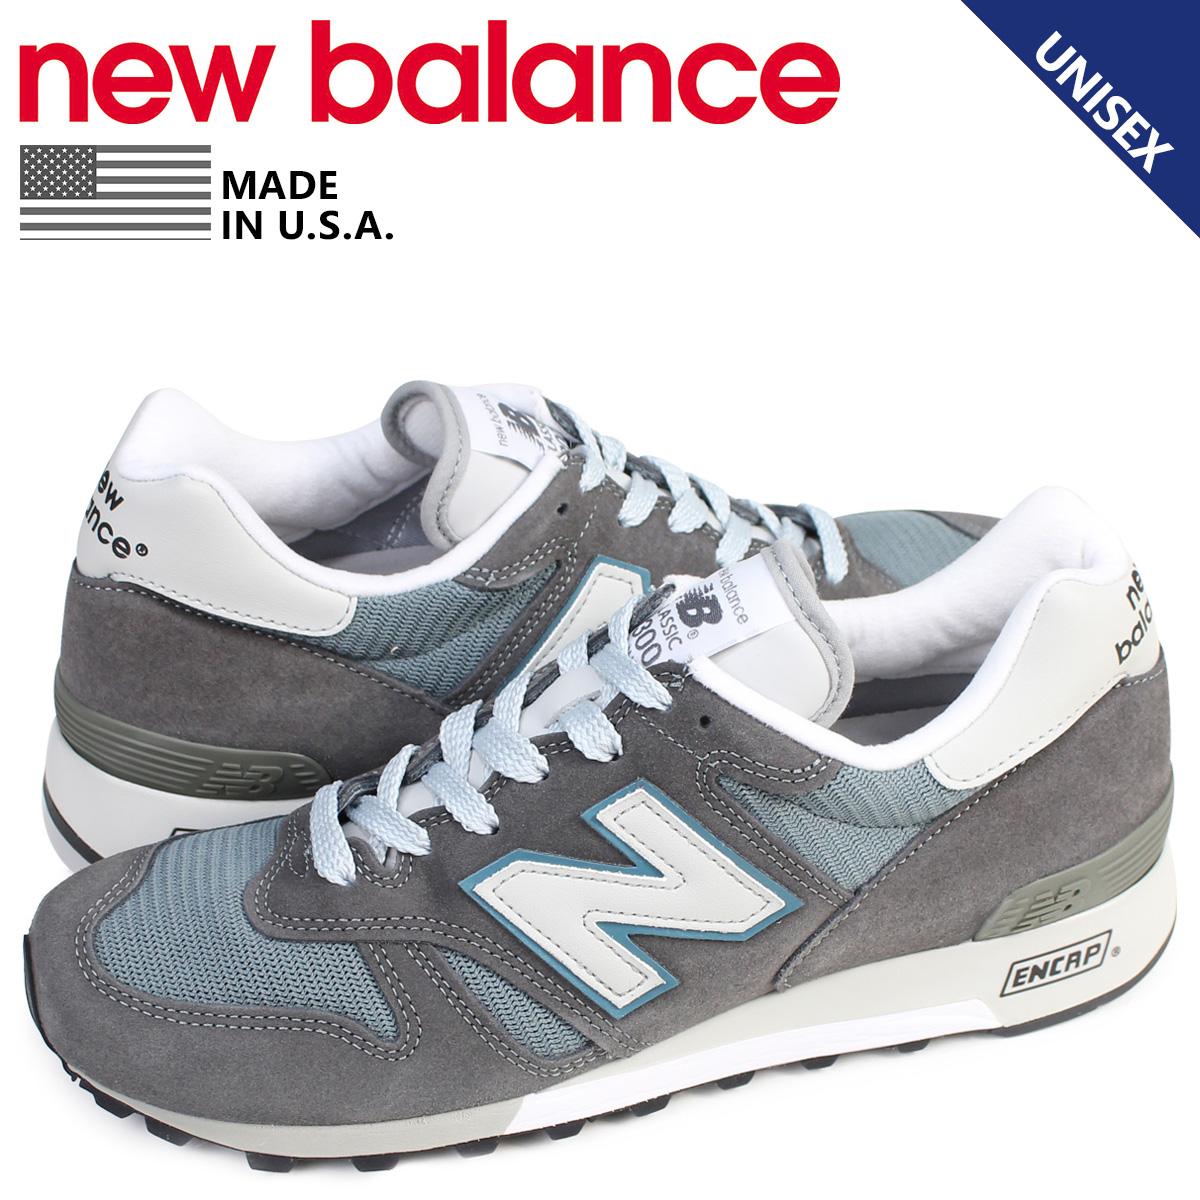 new balance 1300 online shop